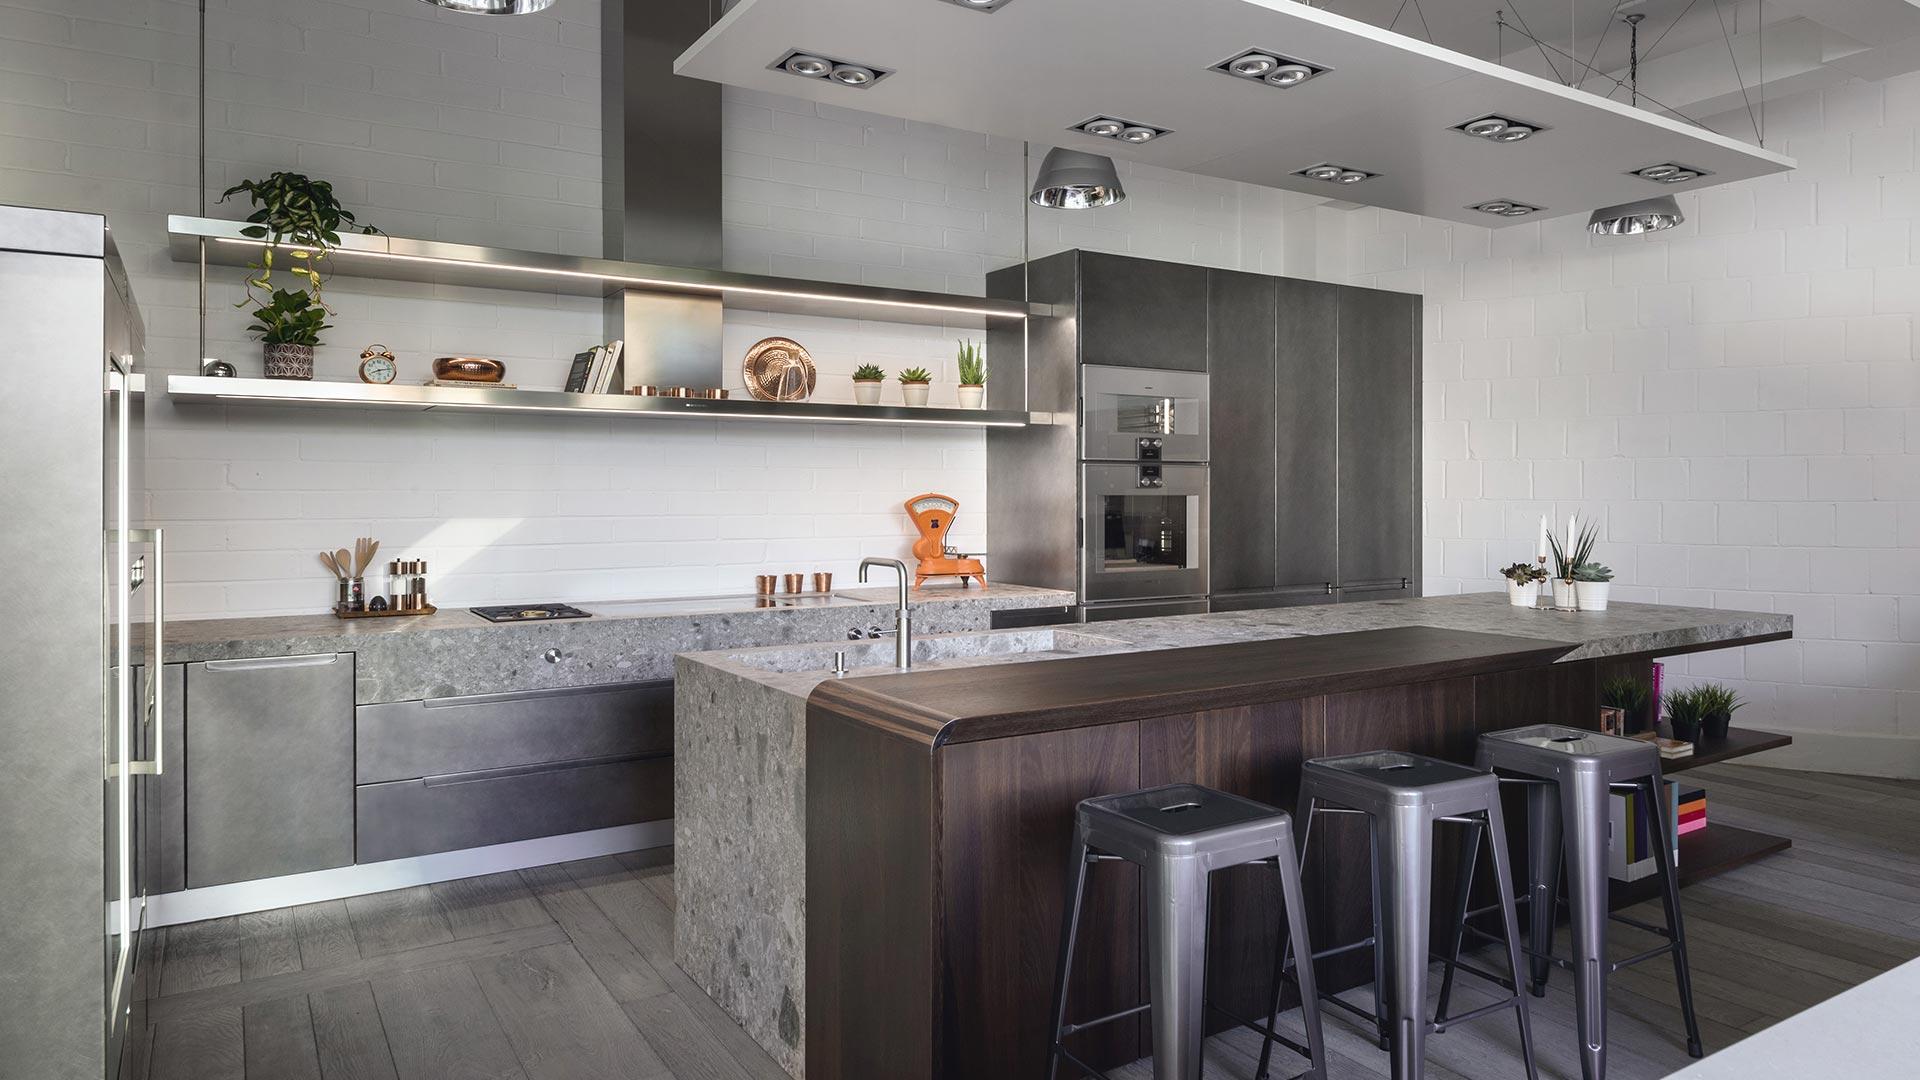 Cucina con isola in gres legno e metallo - Isole cucine moderne ...